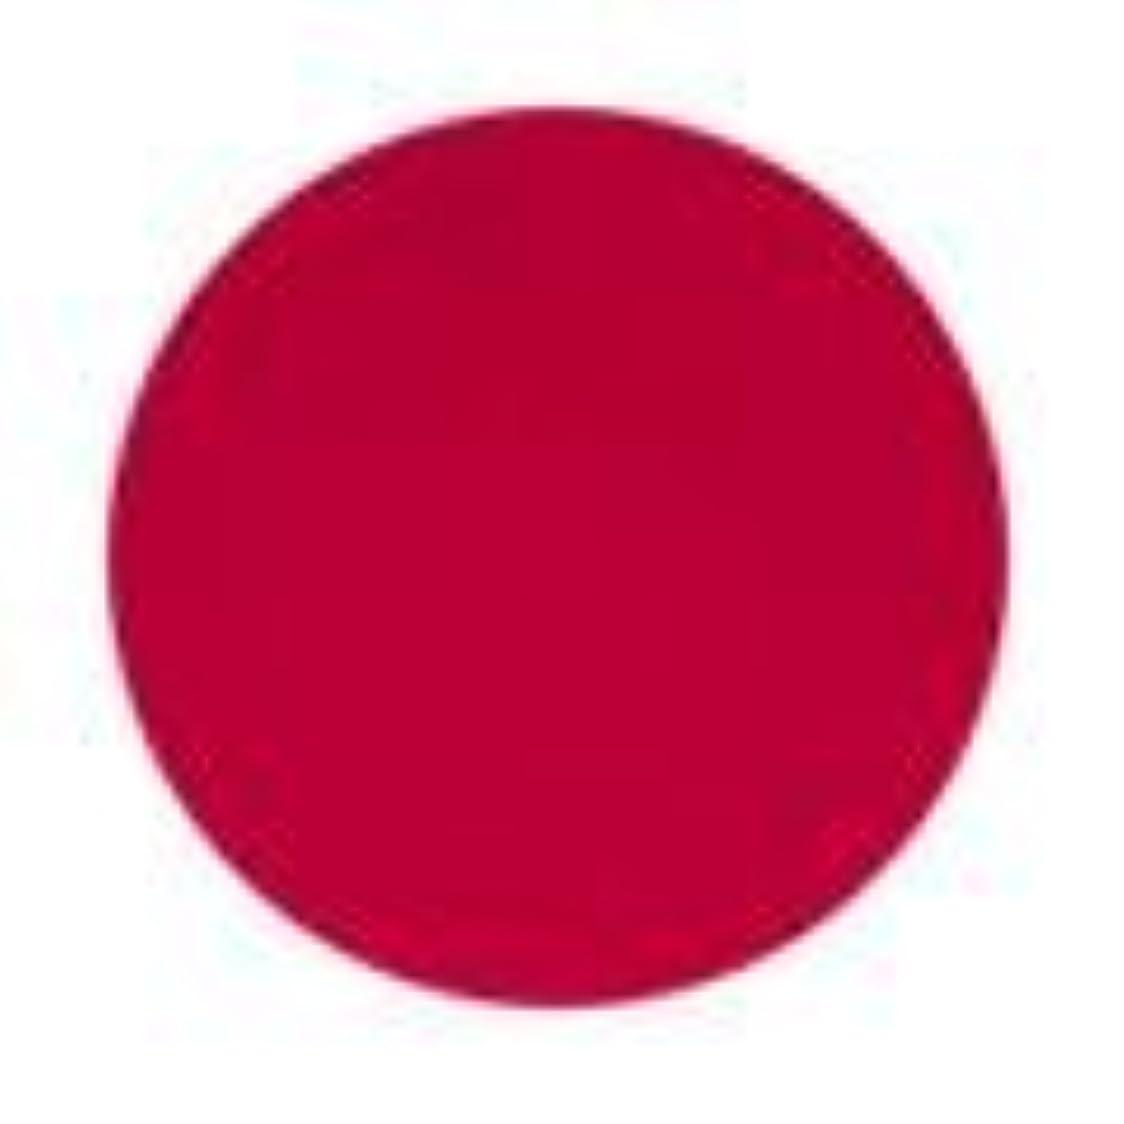 つま先肥満符号Jessica ジェレレーション カラー 15ml  120 ロイヤルレッド